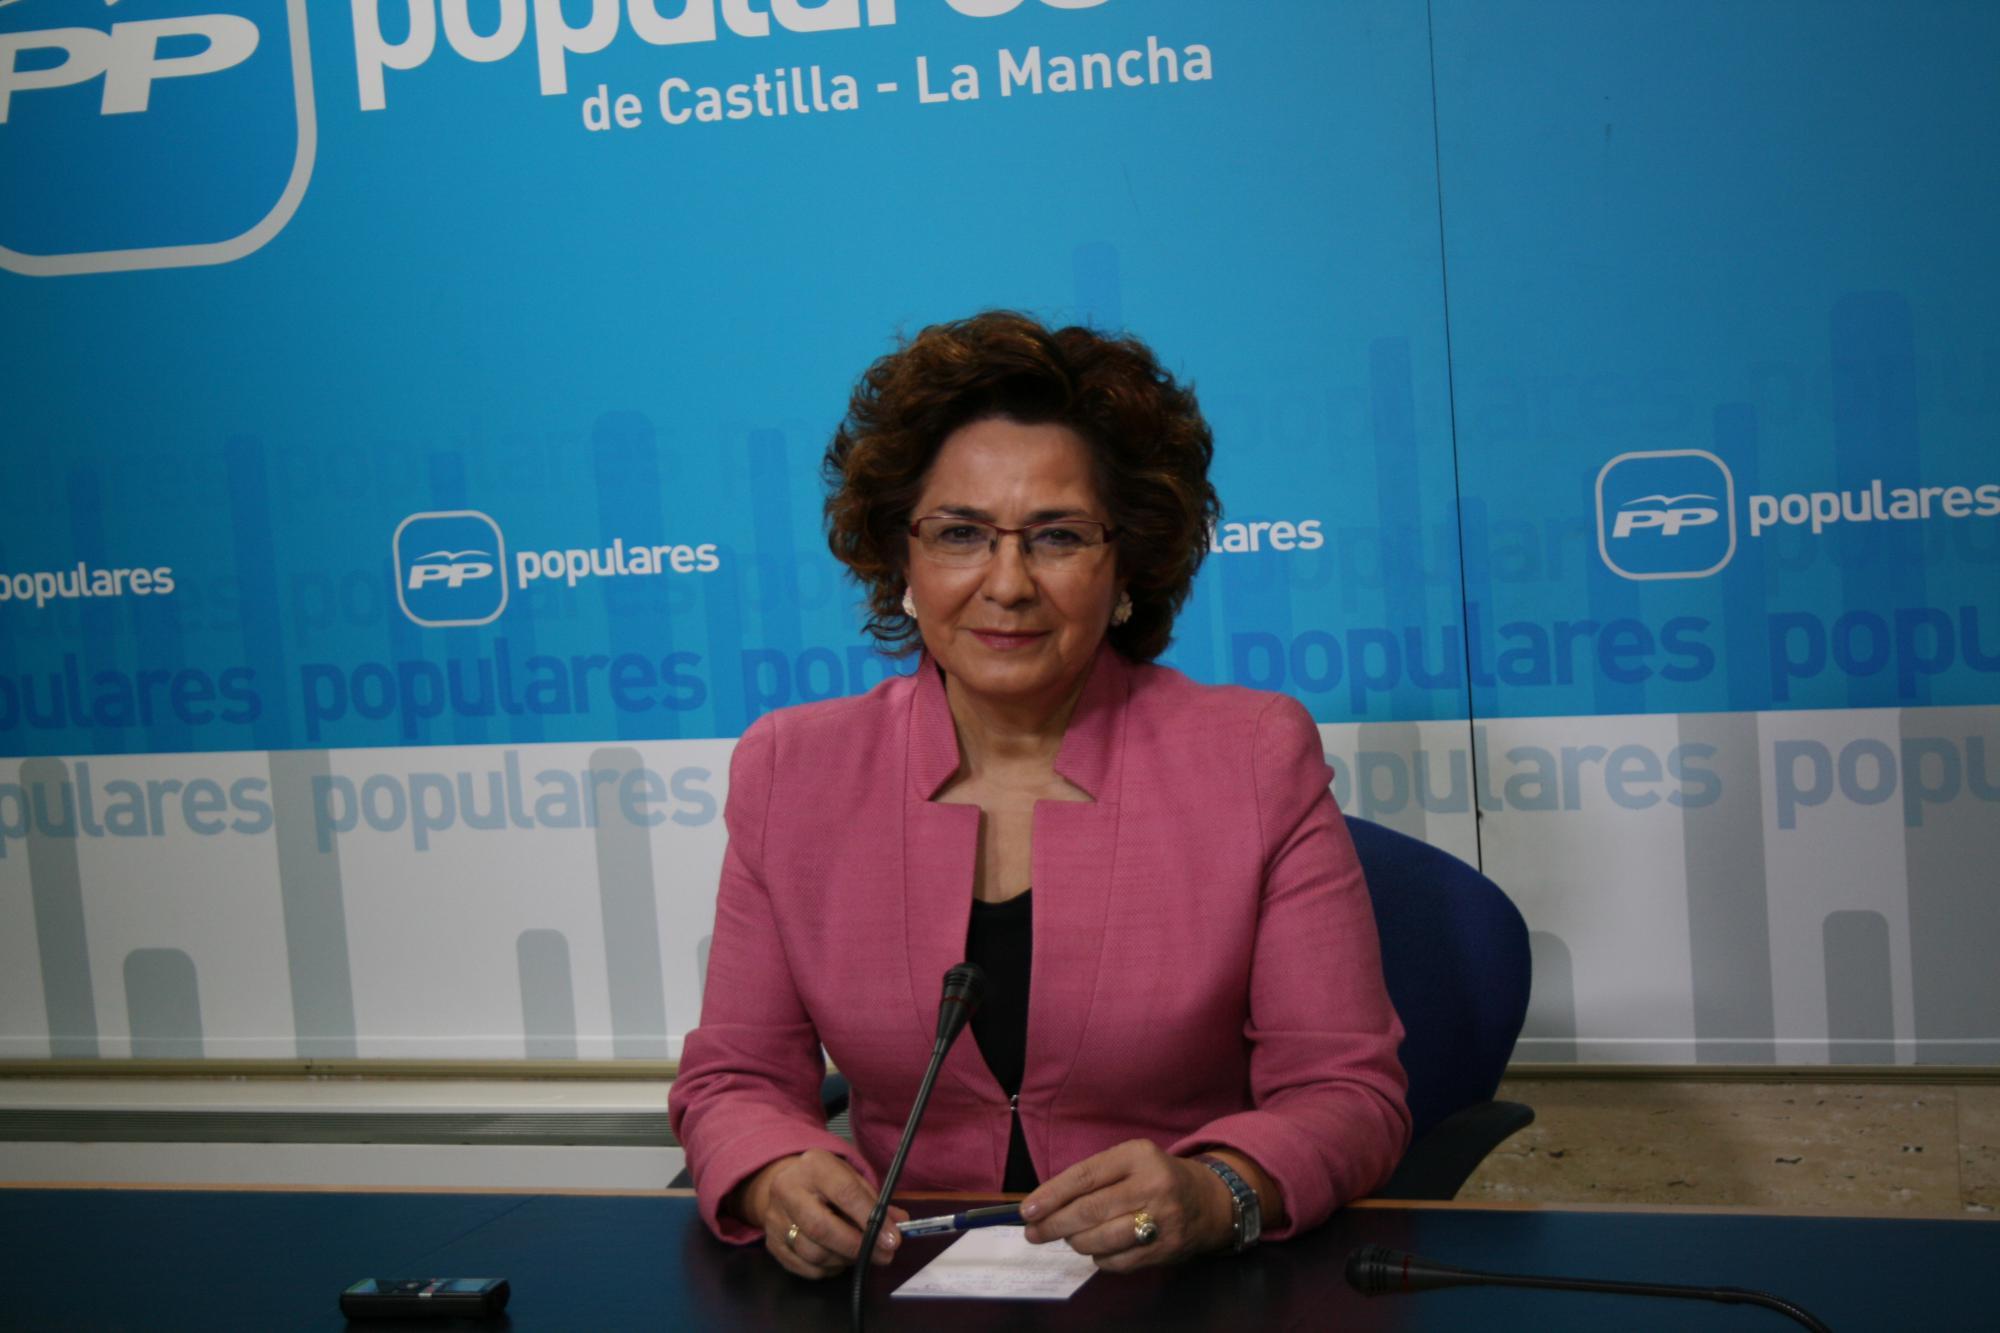 """Riolobos: """"Cuatro diputados más que el PSOE de Page darían a Cospedal la mayoría absoluta en Castilla-La Mancha"""""""